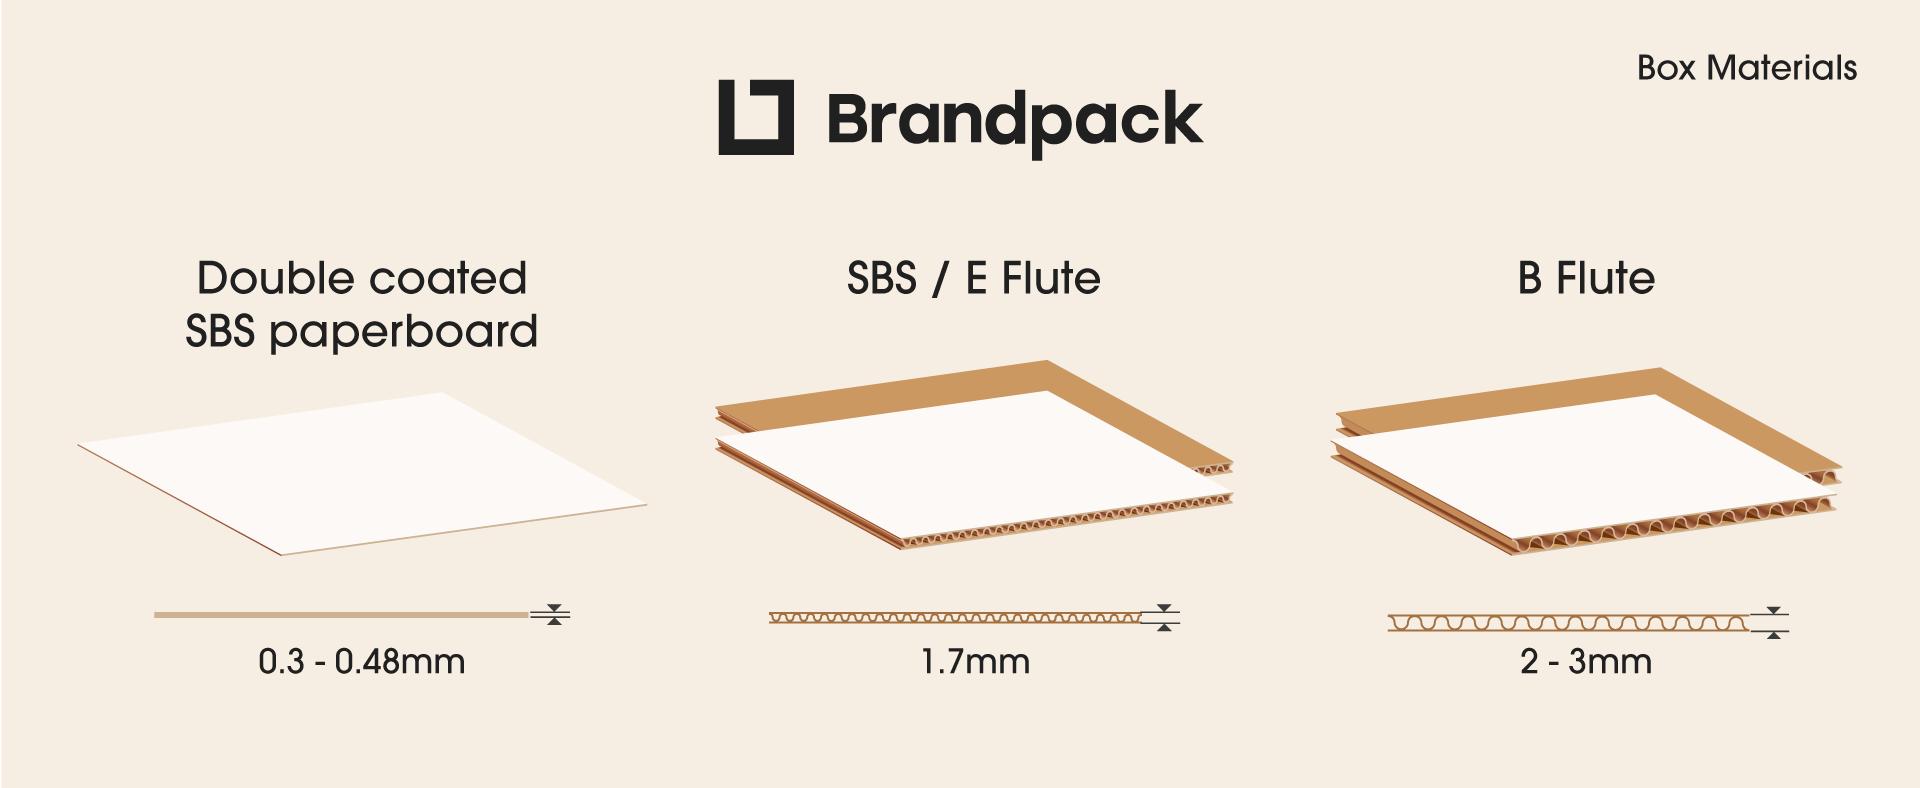 Box printing materials